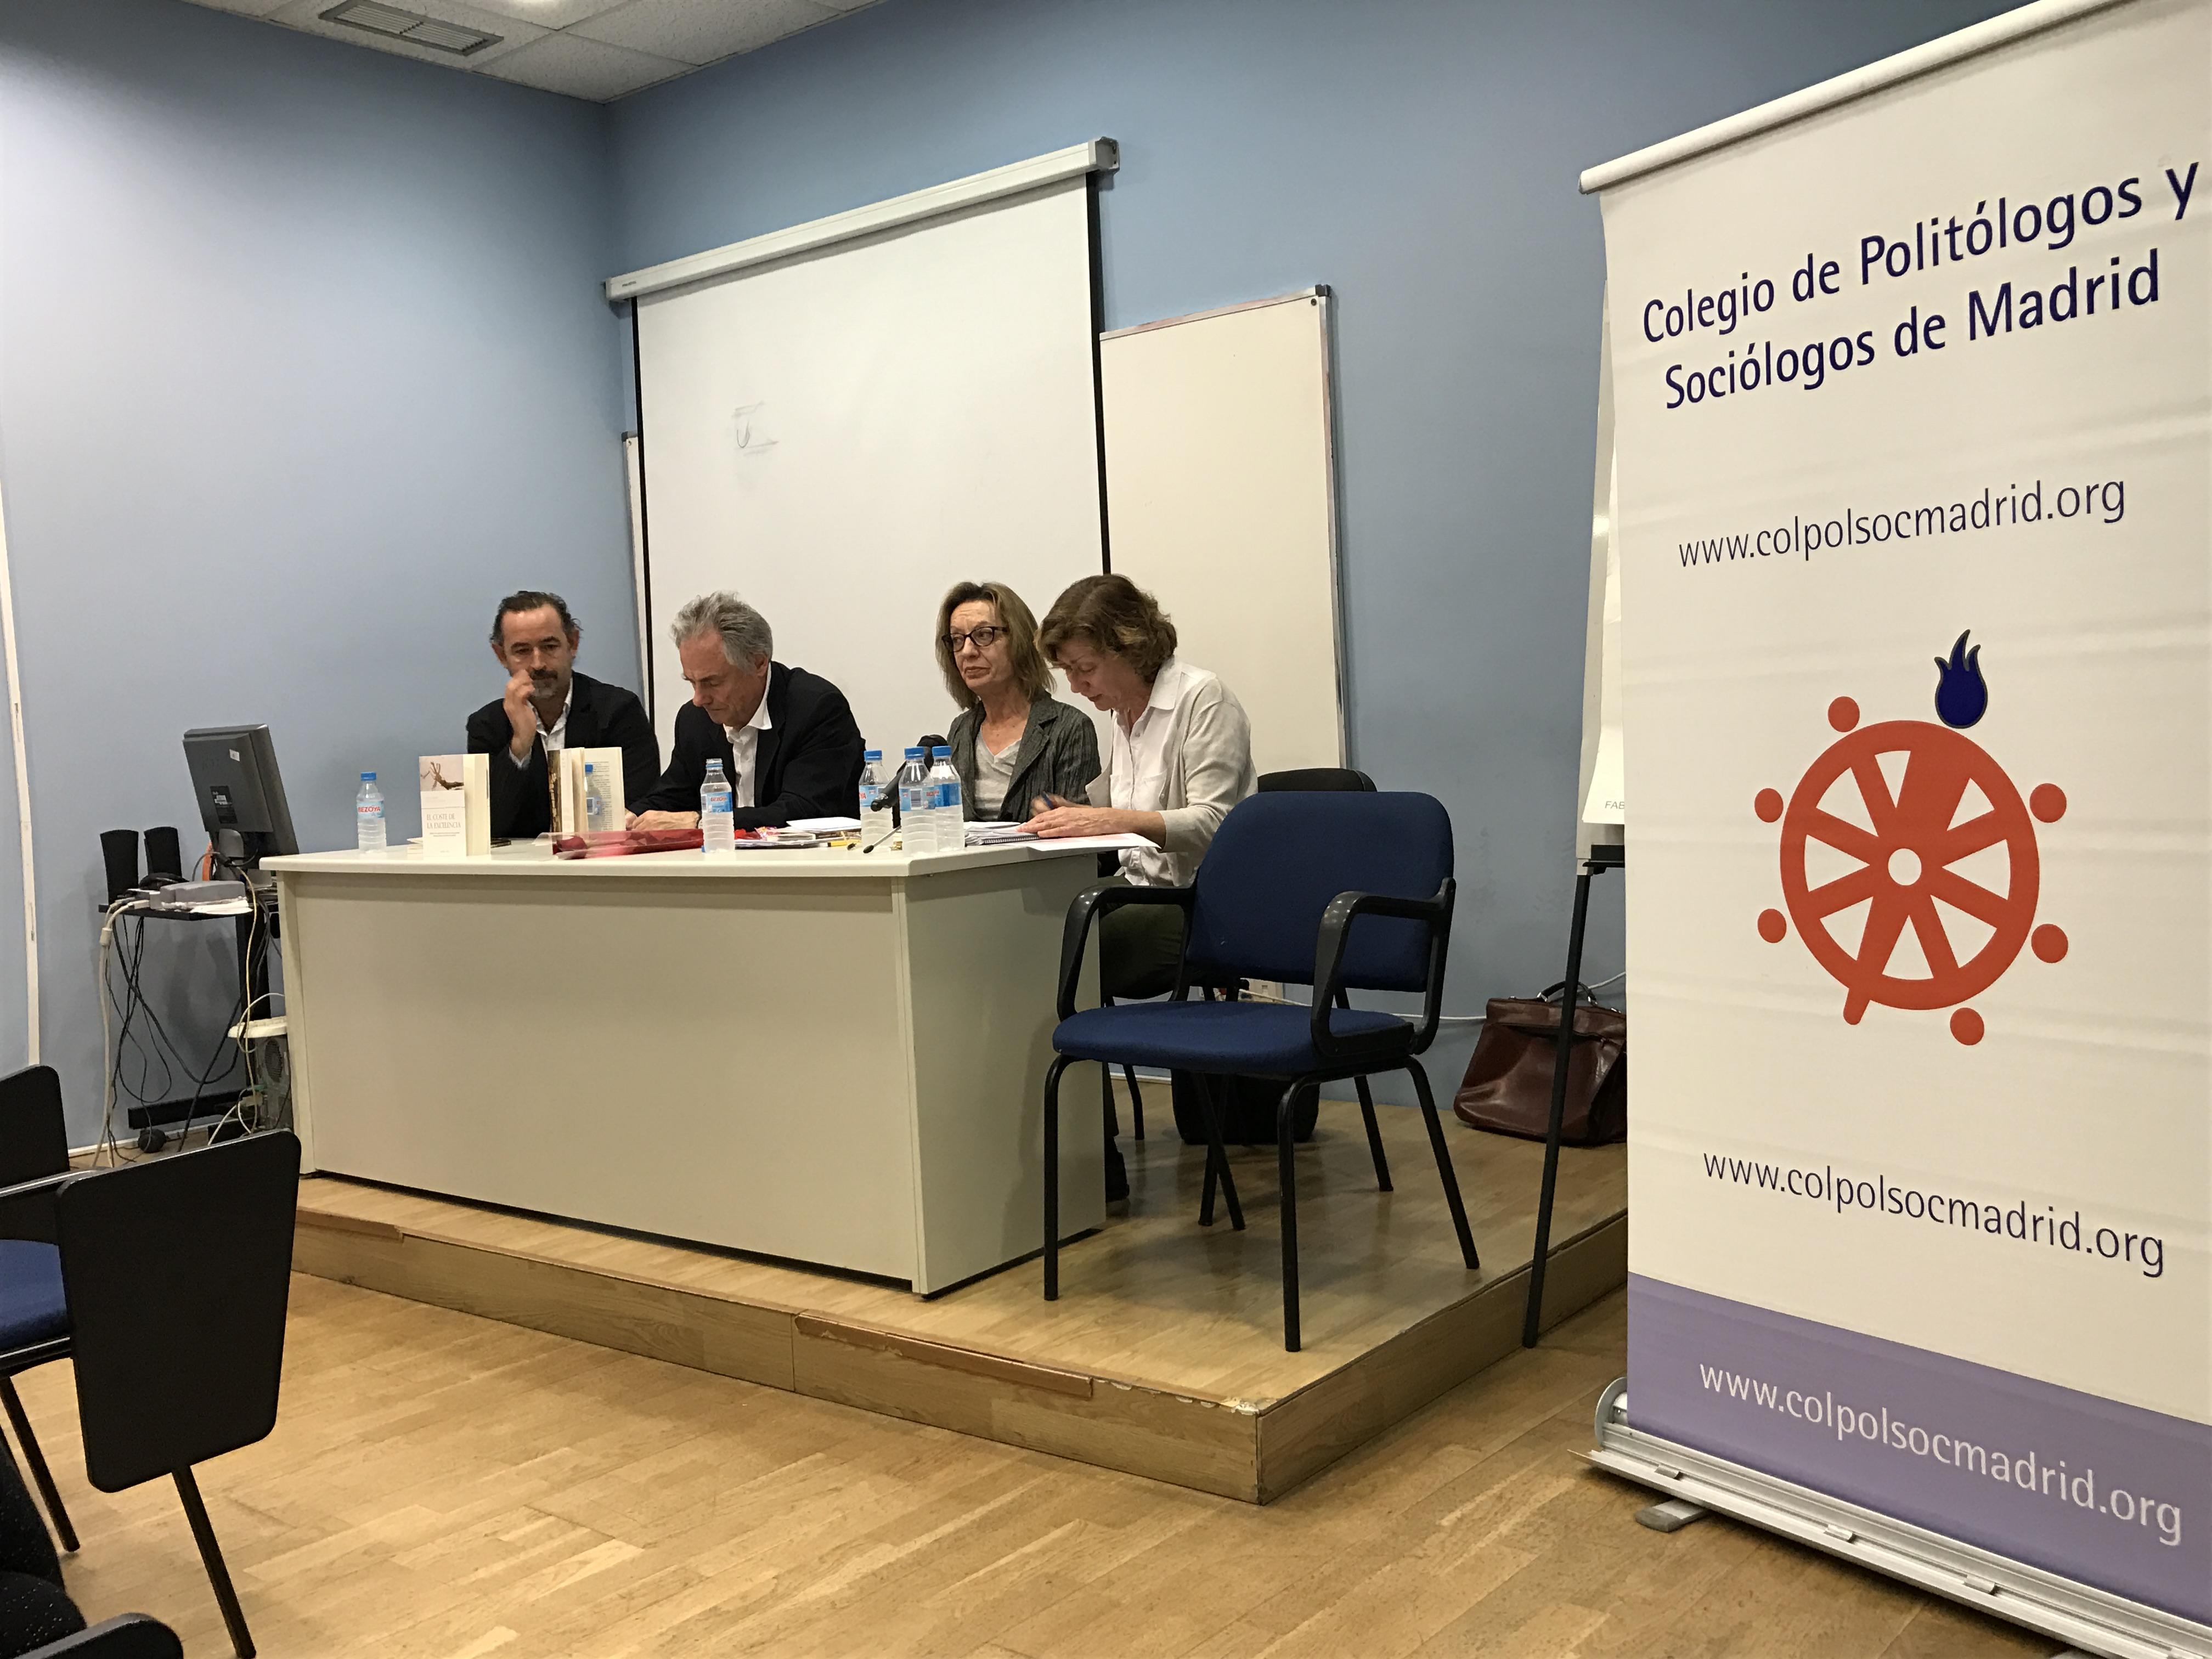 En este momento estás viendo La Sociología Clínica en el diván en el Colegio de Politólogos y Sociólogos de Madrid